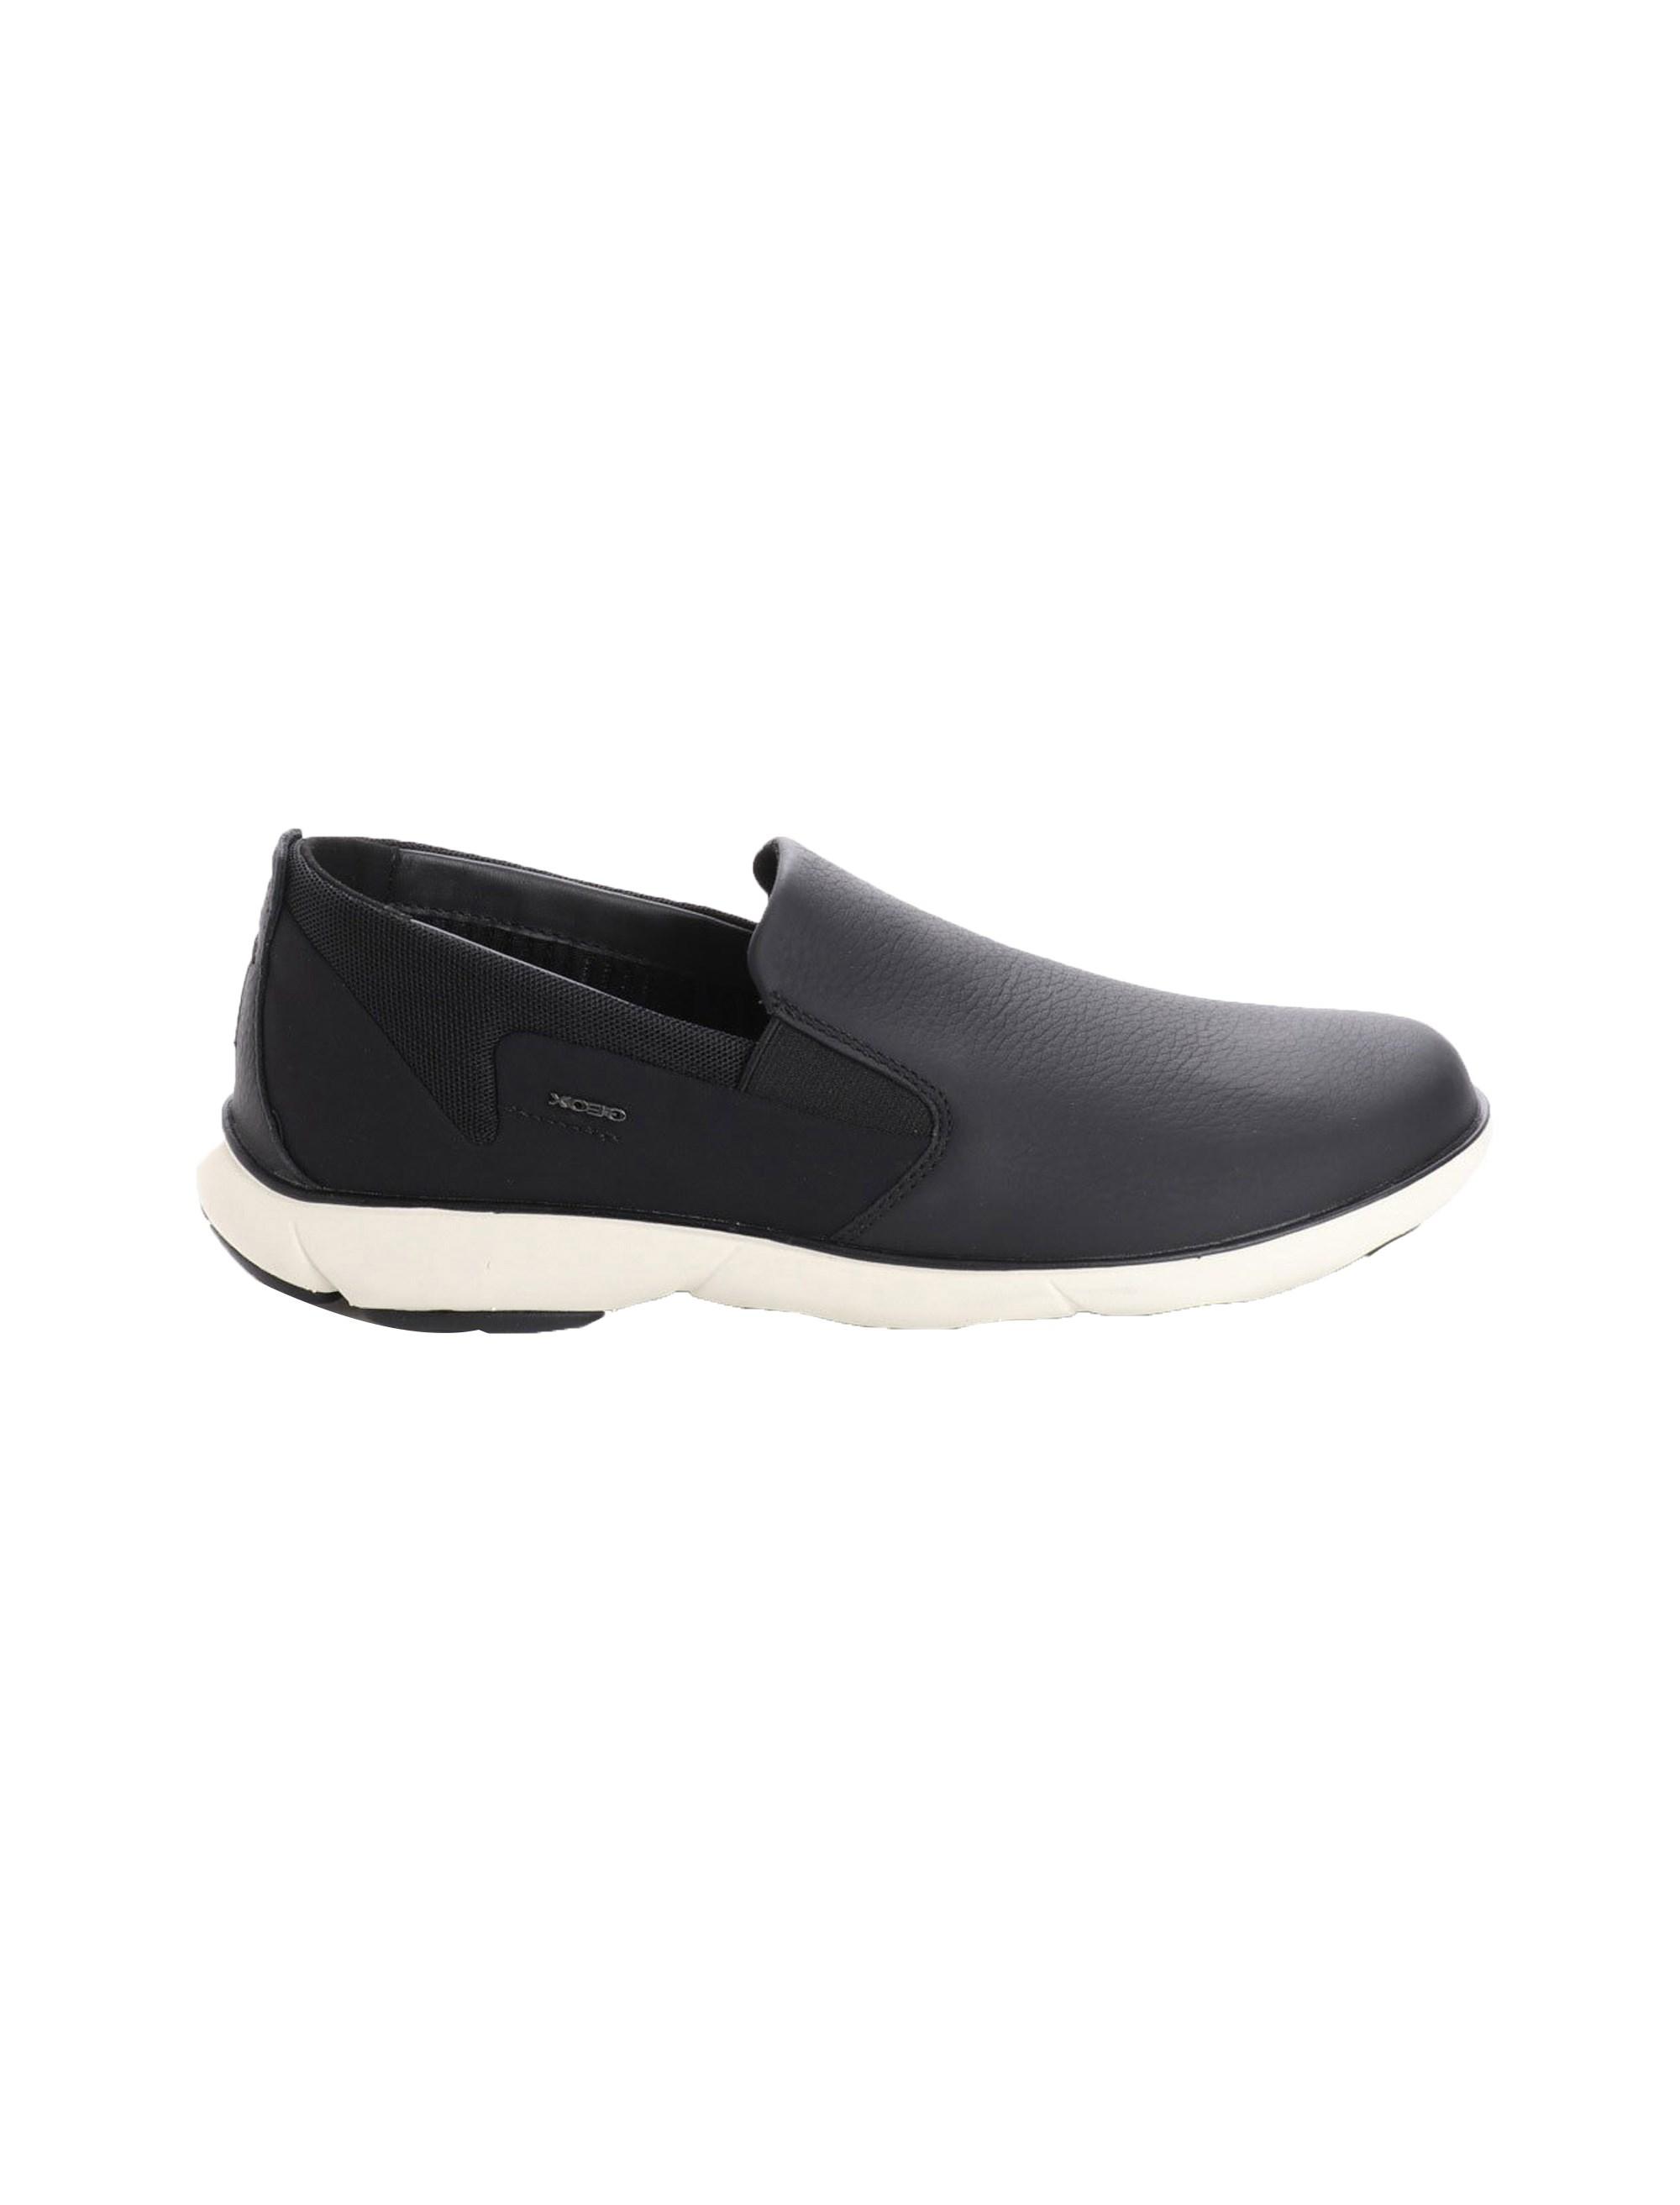 قیمت کفش راحتی مردانه Nebula - جی اوکس